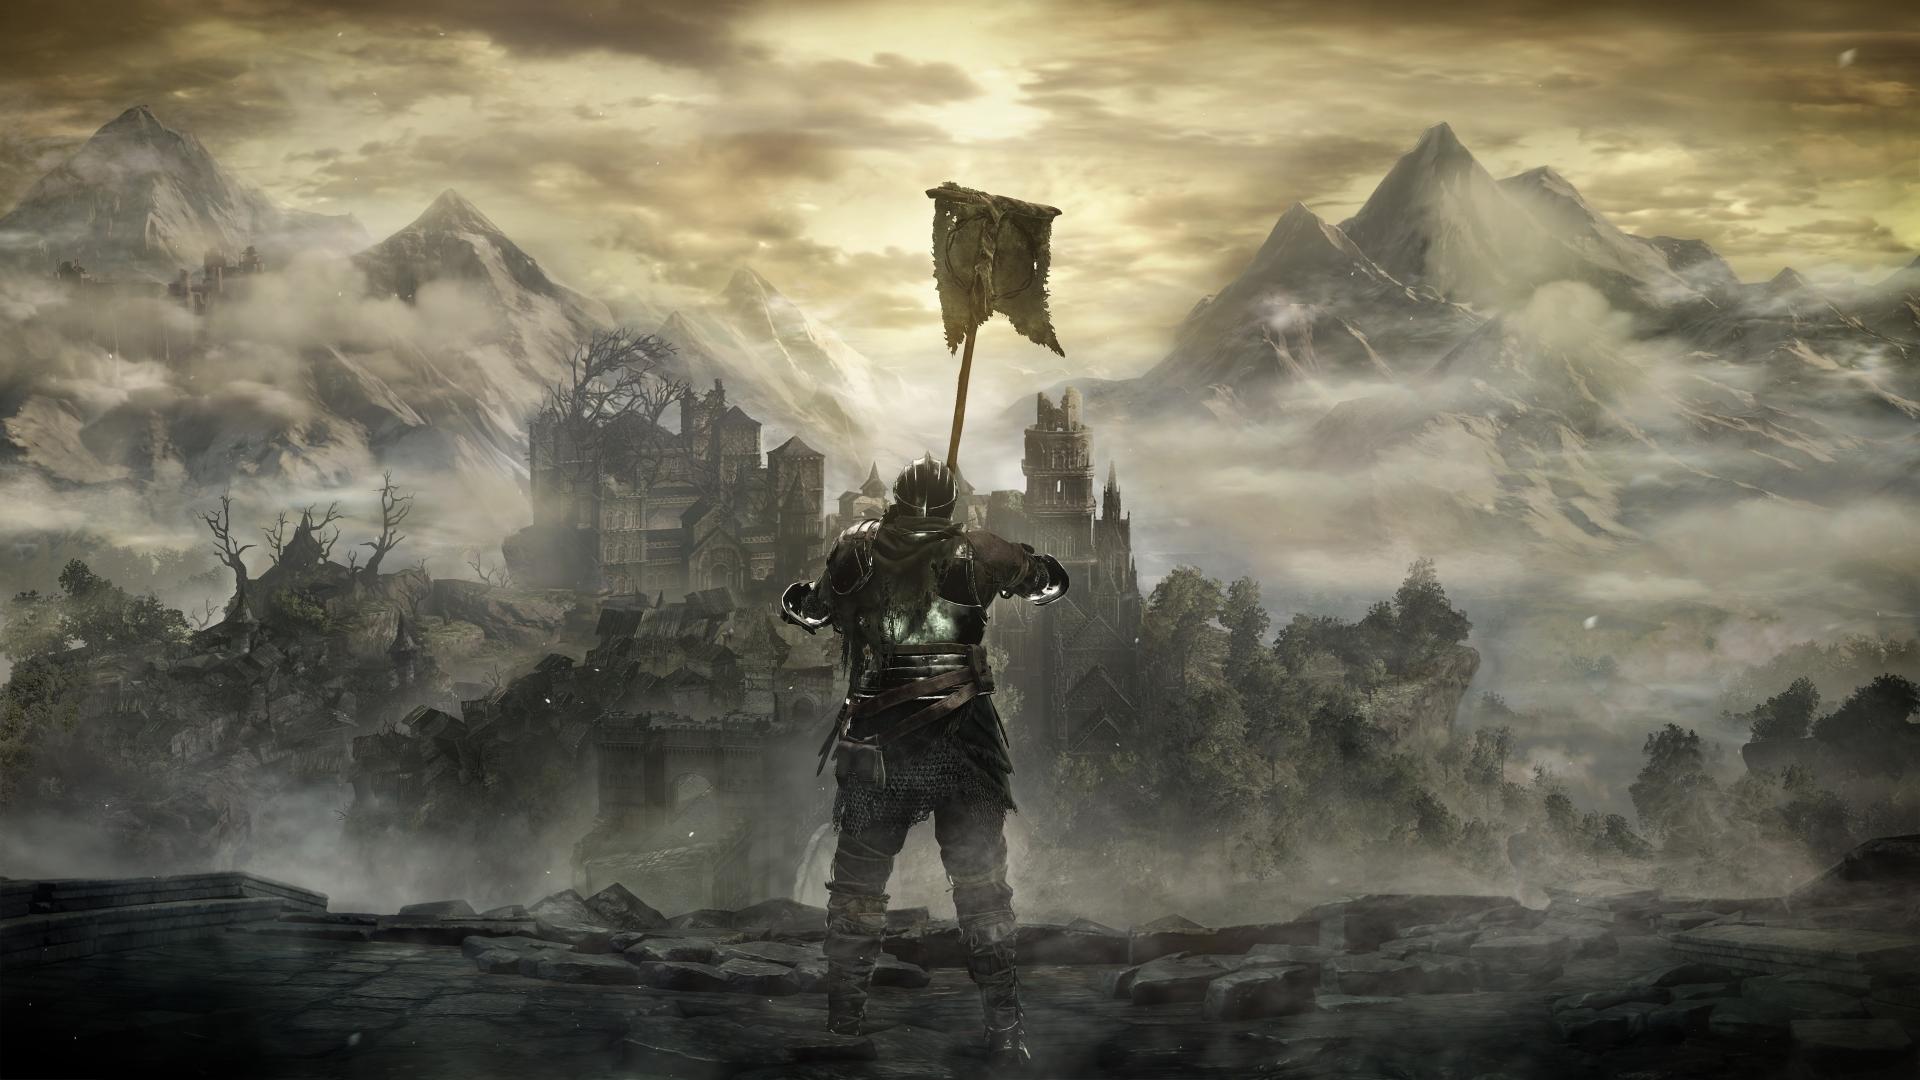 Dark Souls III - what happens next?